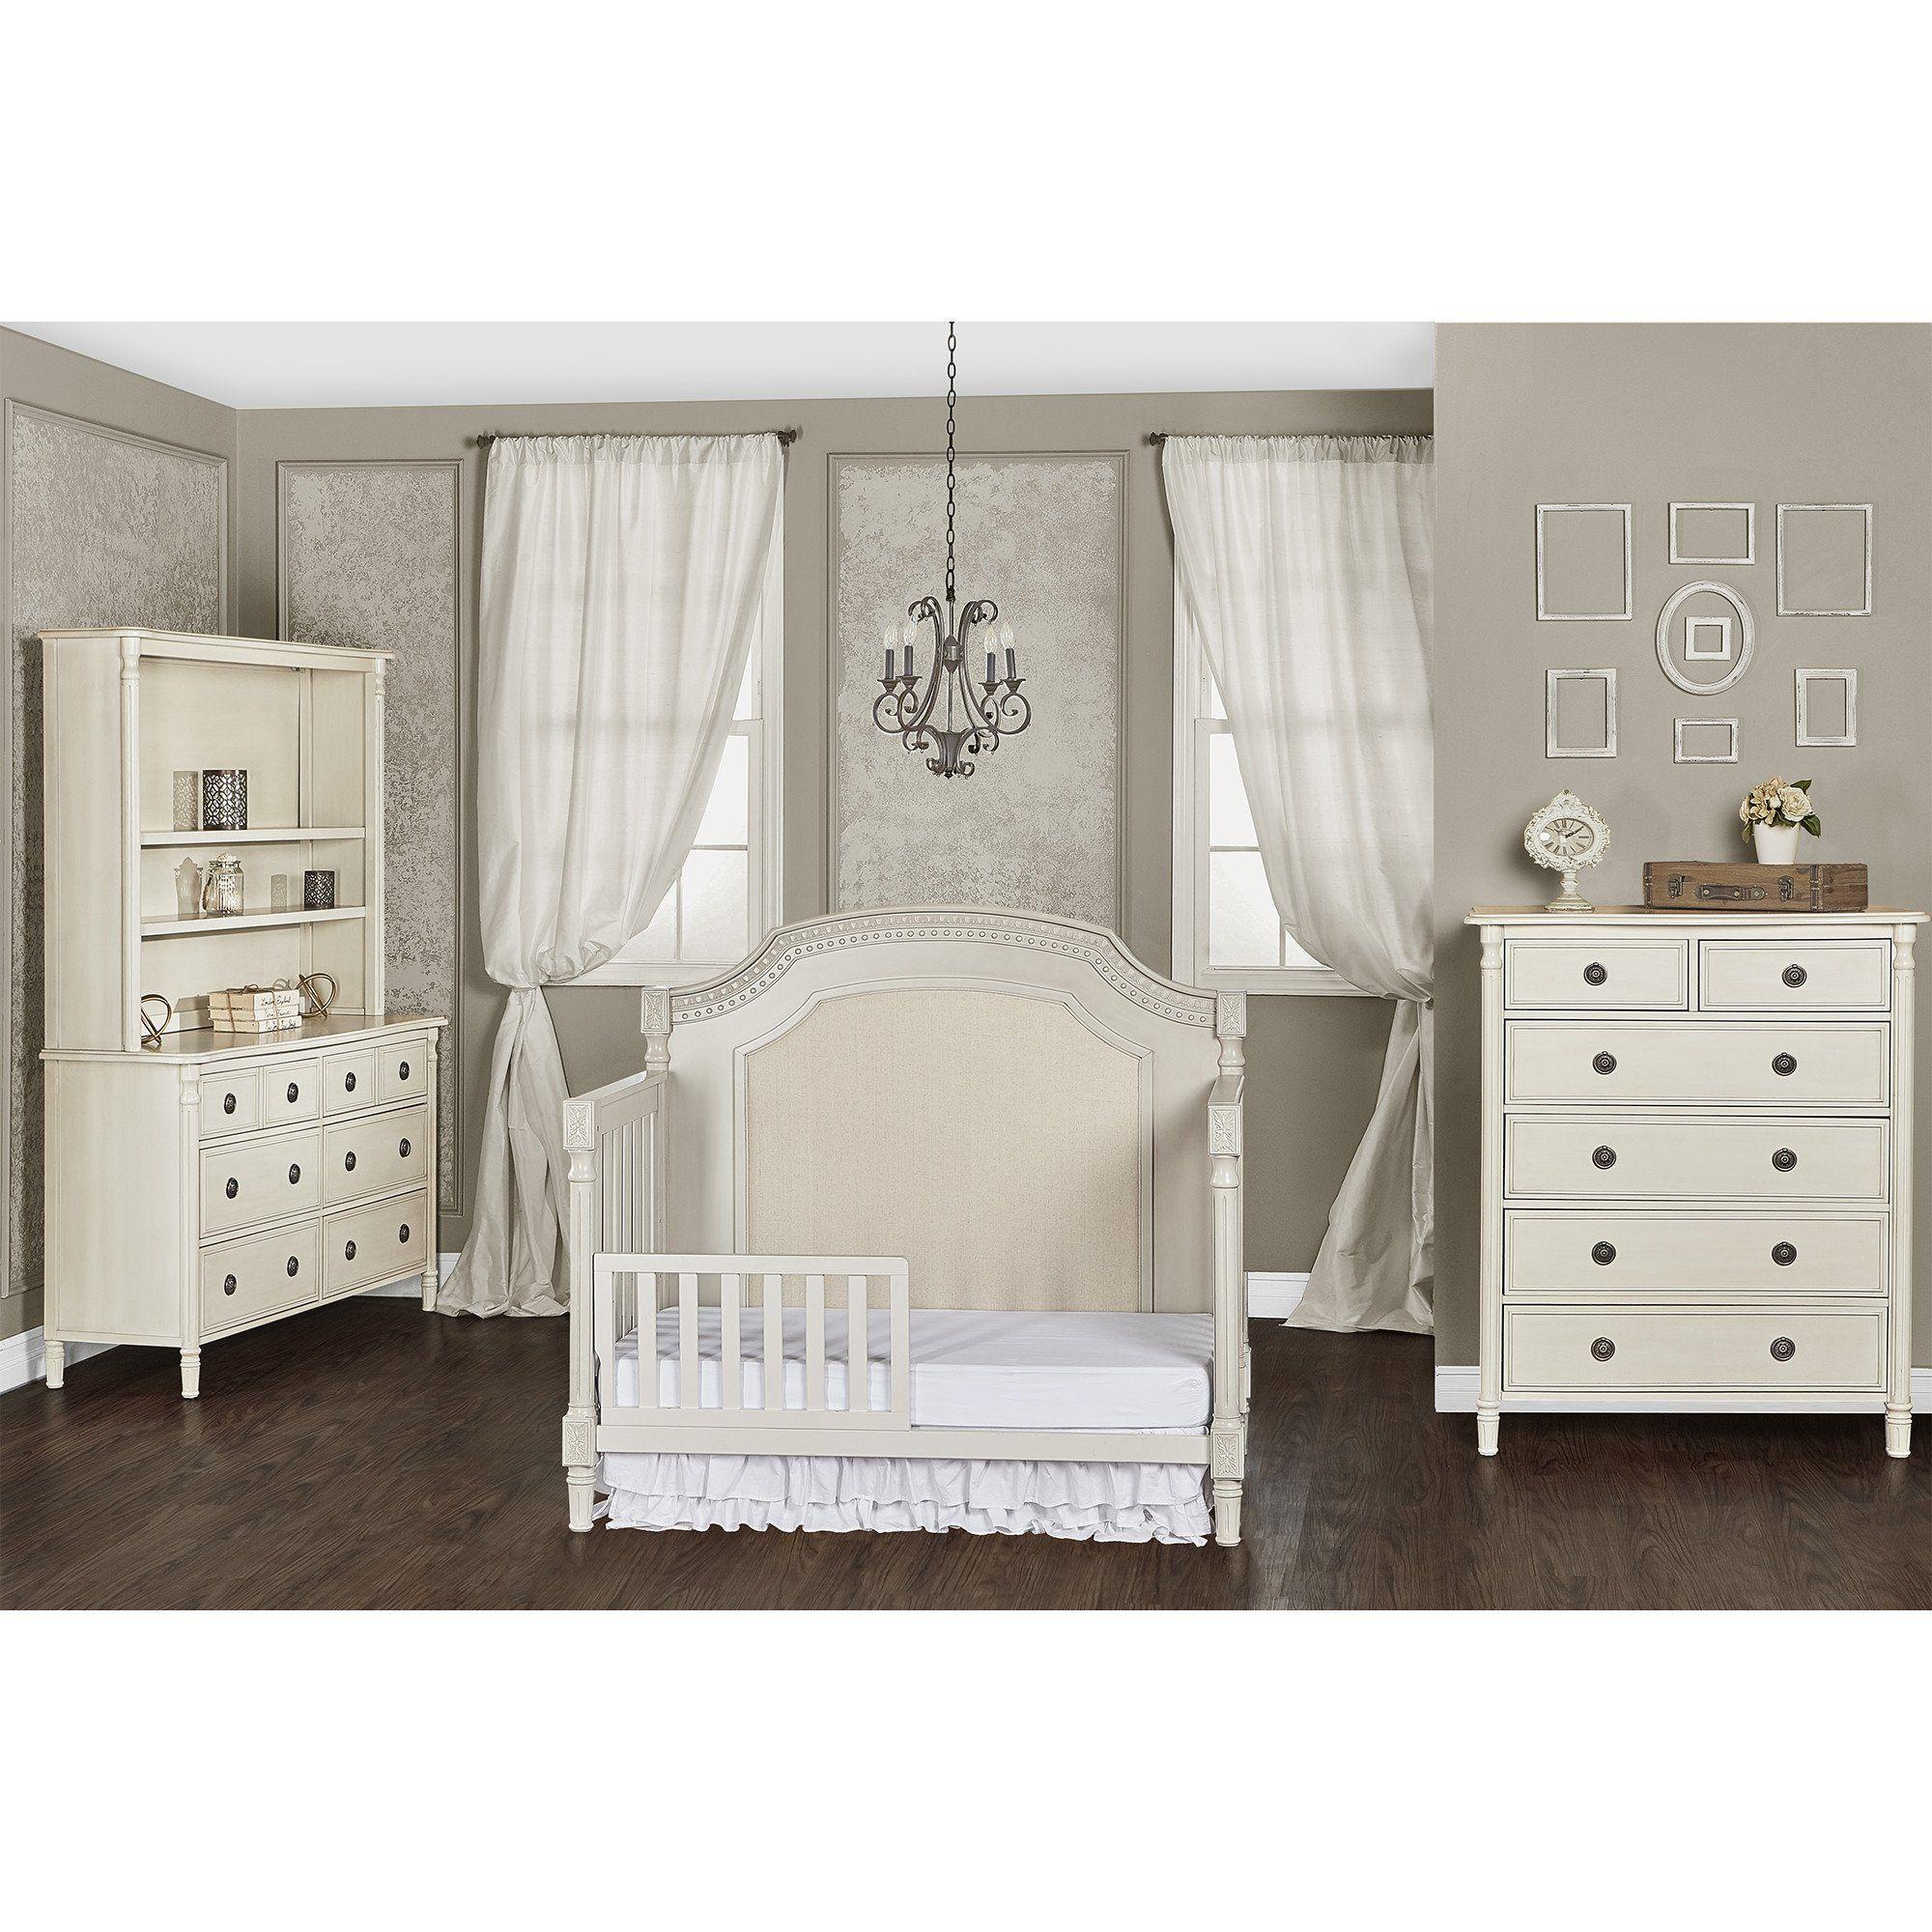 Evolur Julienne Matching Toddler Rail Cribs, Convertible